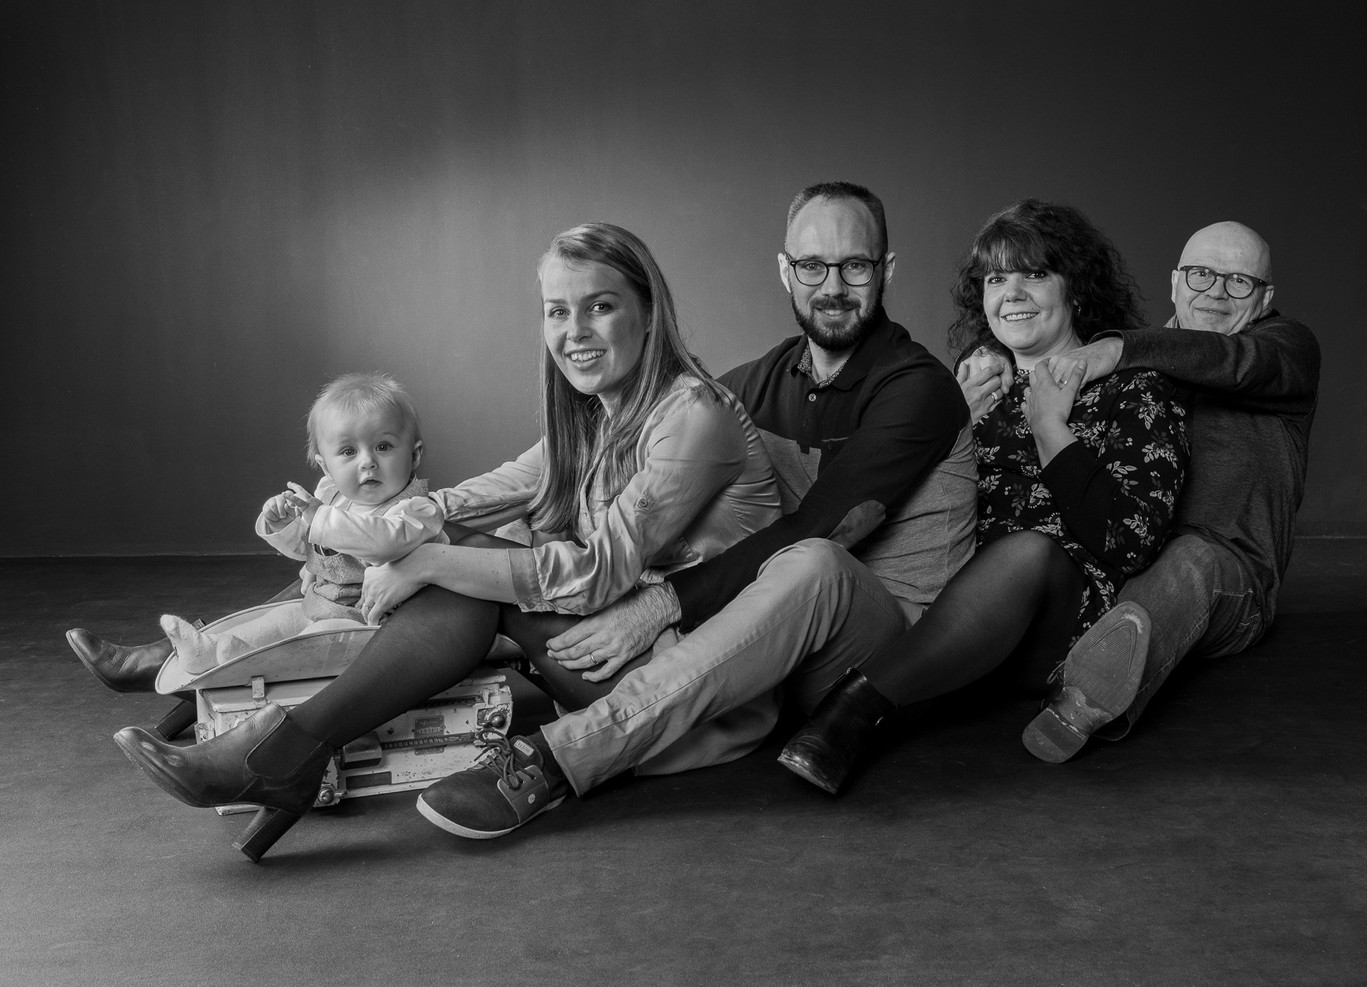 FAMILLE006.jpg